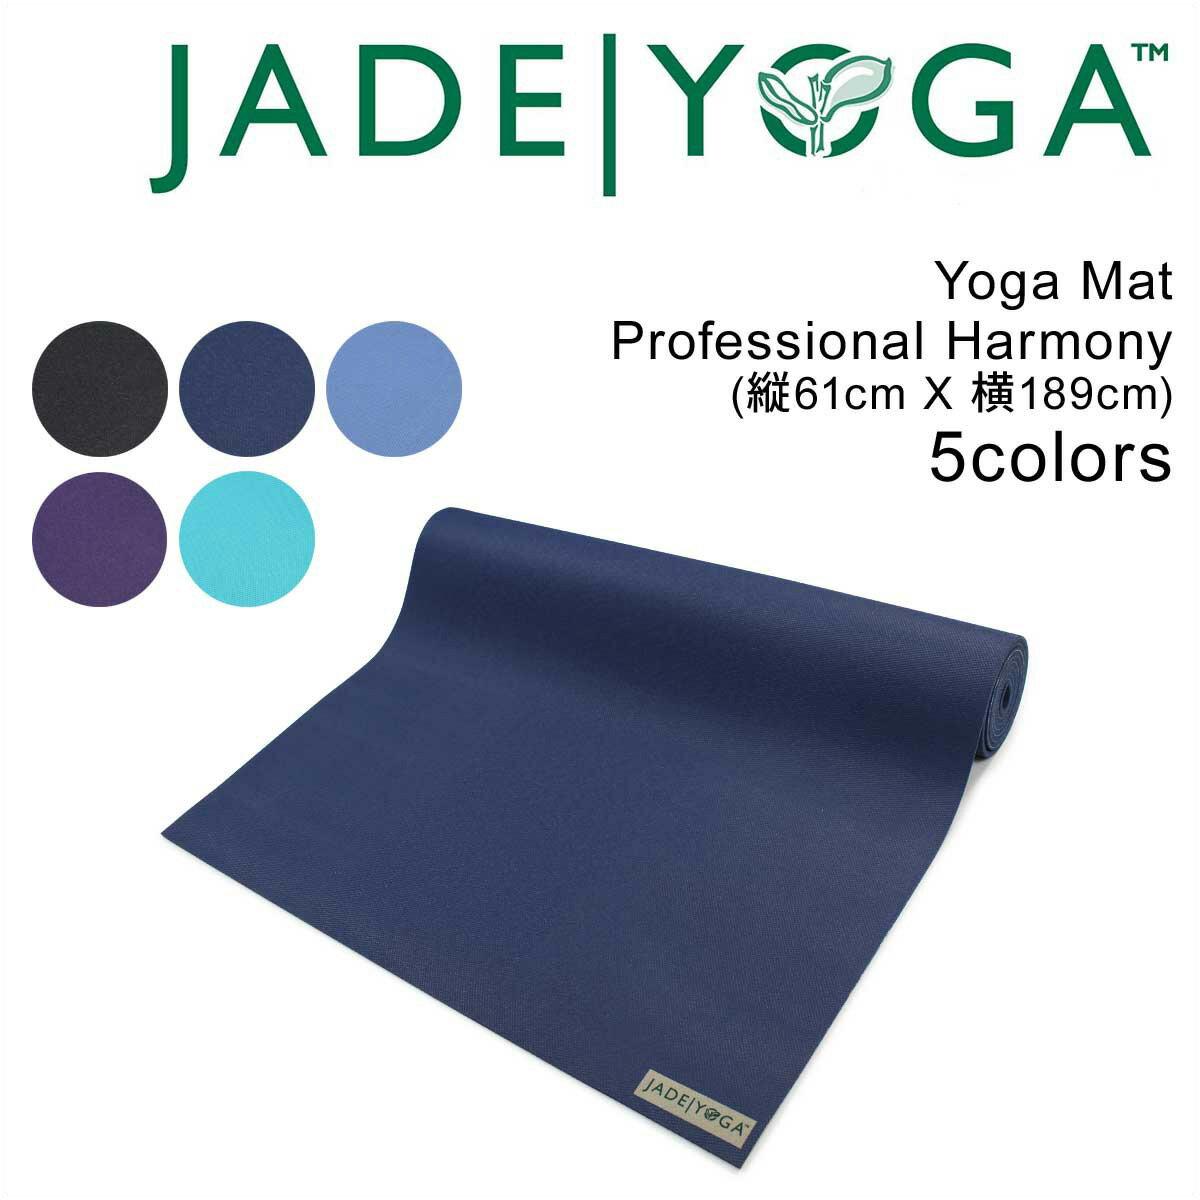 JADE YOGA HARMONY PROFESSIONAL マット ハーモニー 189cm×61cm ジェイド ヨガ ヨガマット ピラティス エクササイズ プロフェッショナル メンズ レディース [184]